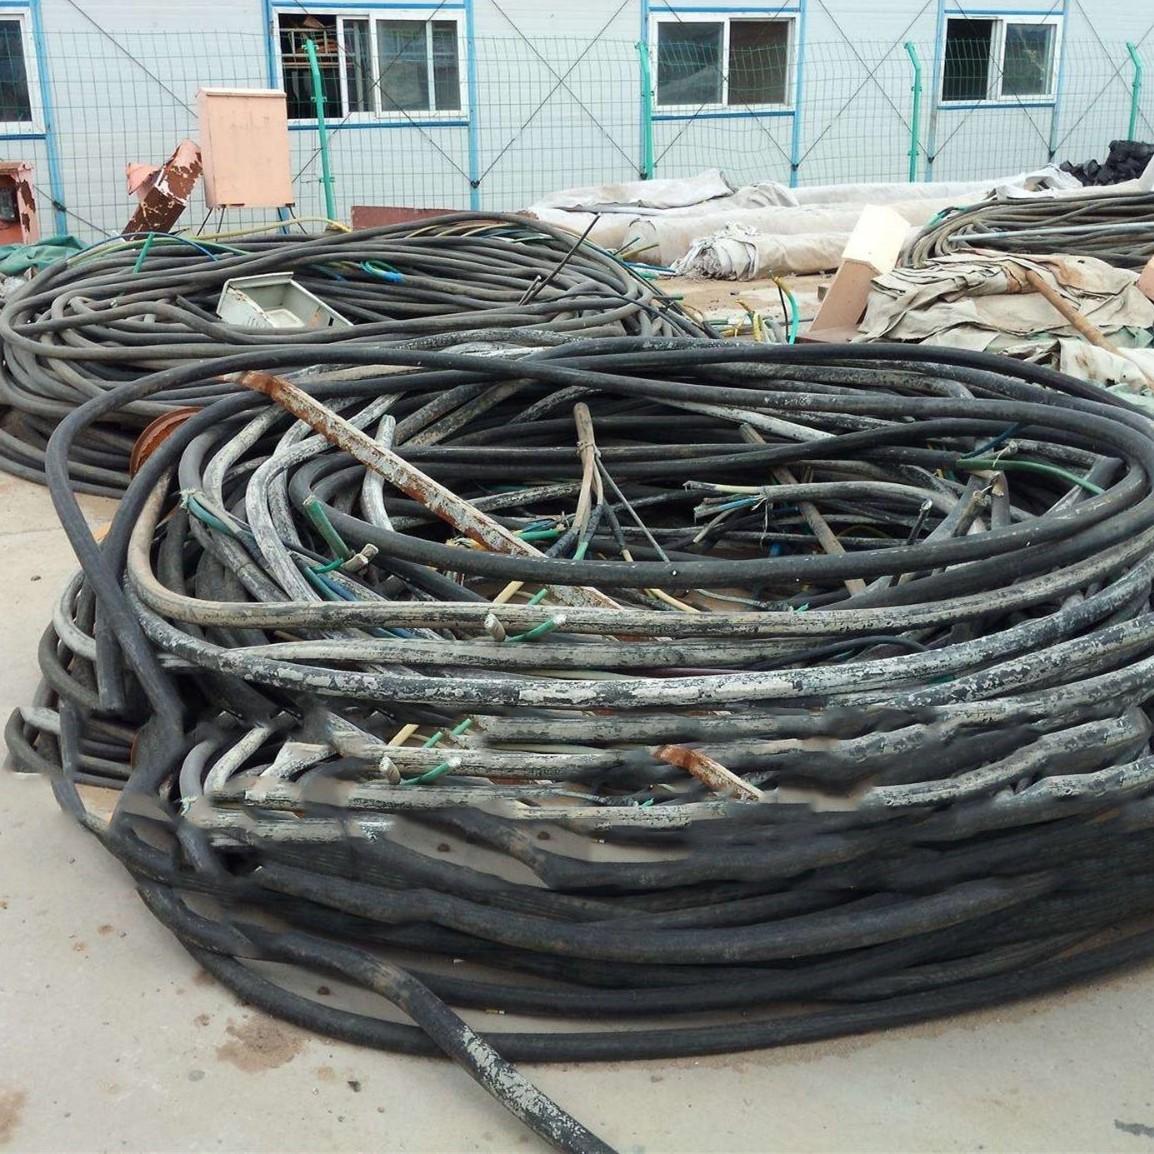 工厂废电缆回收公司_电气设备用电缆相关-东莞市莞绿达环保科技有限公司